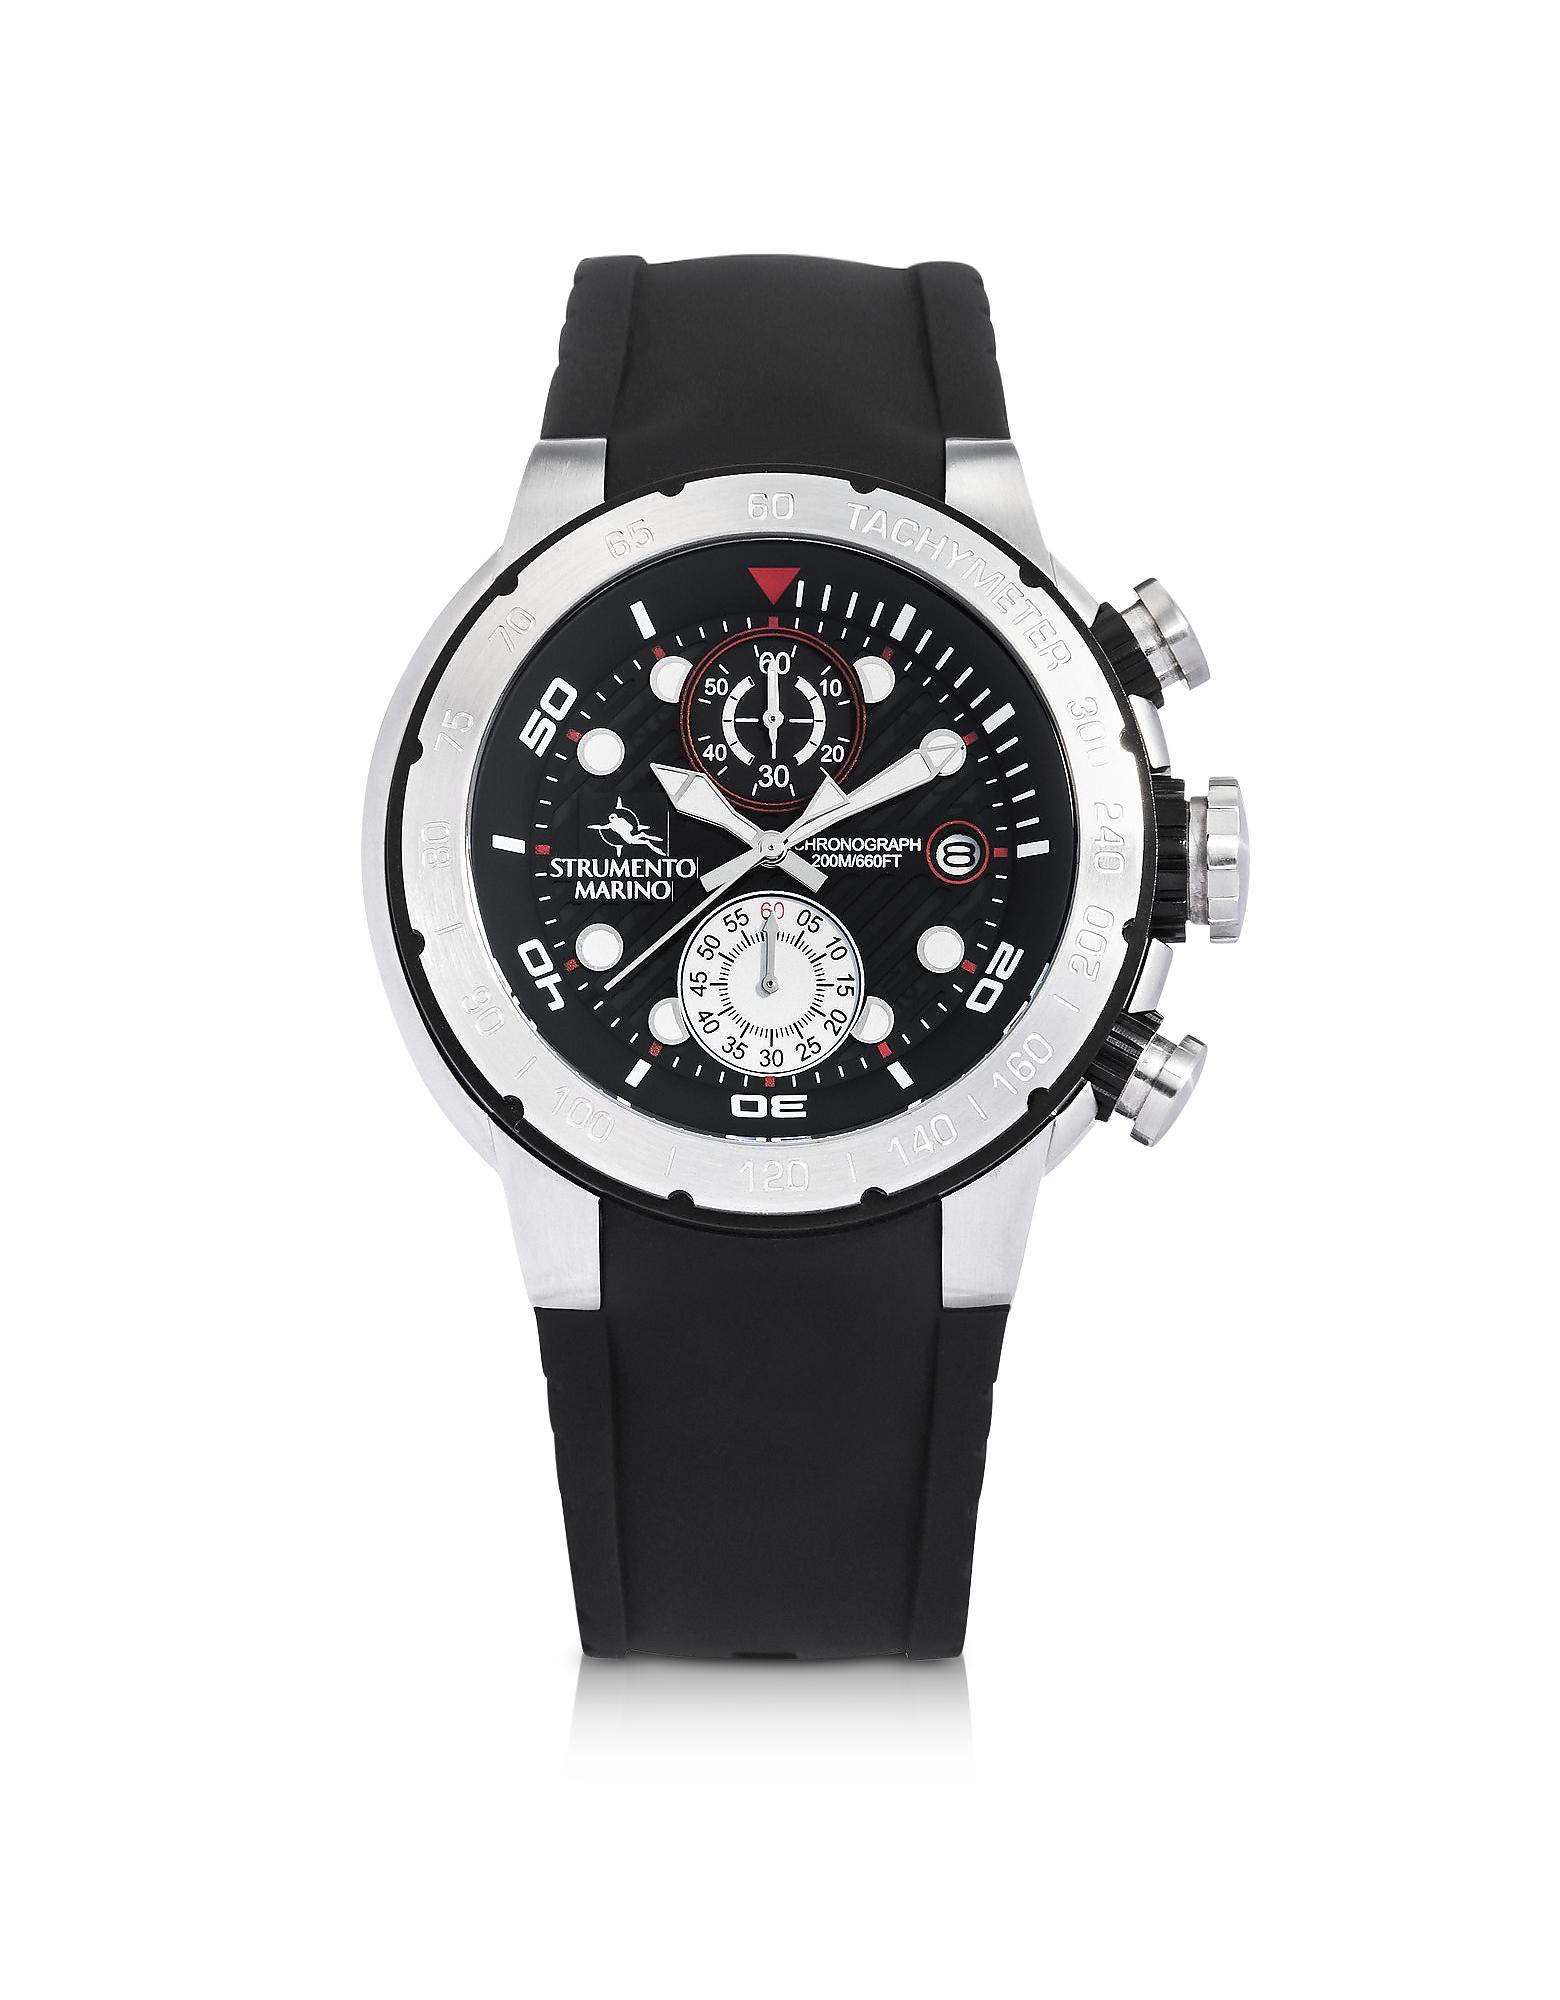 Saint-Tropez Orologio con Cronografo da Uomo in Acciaio e Silicone Nero